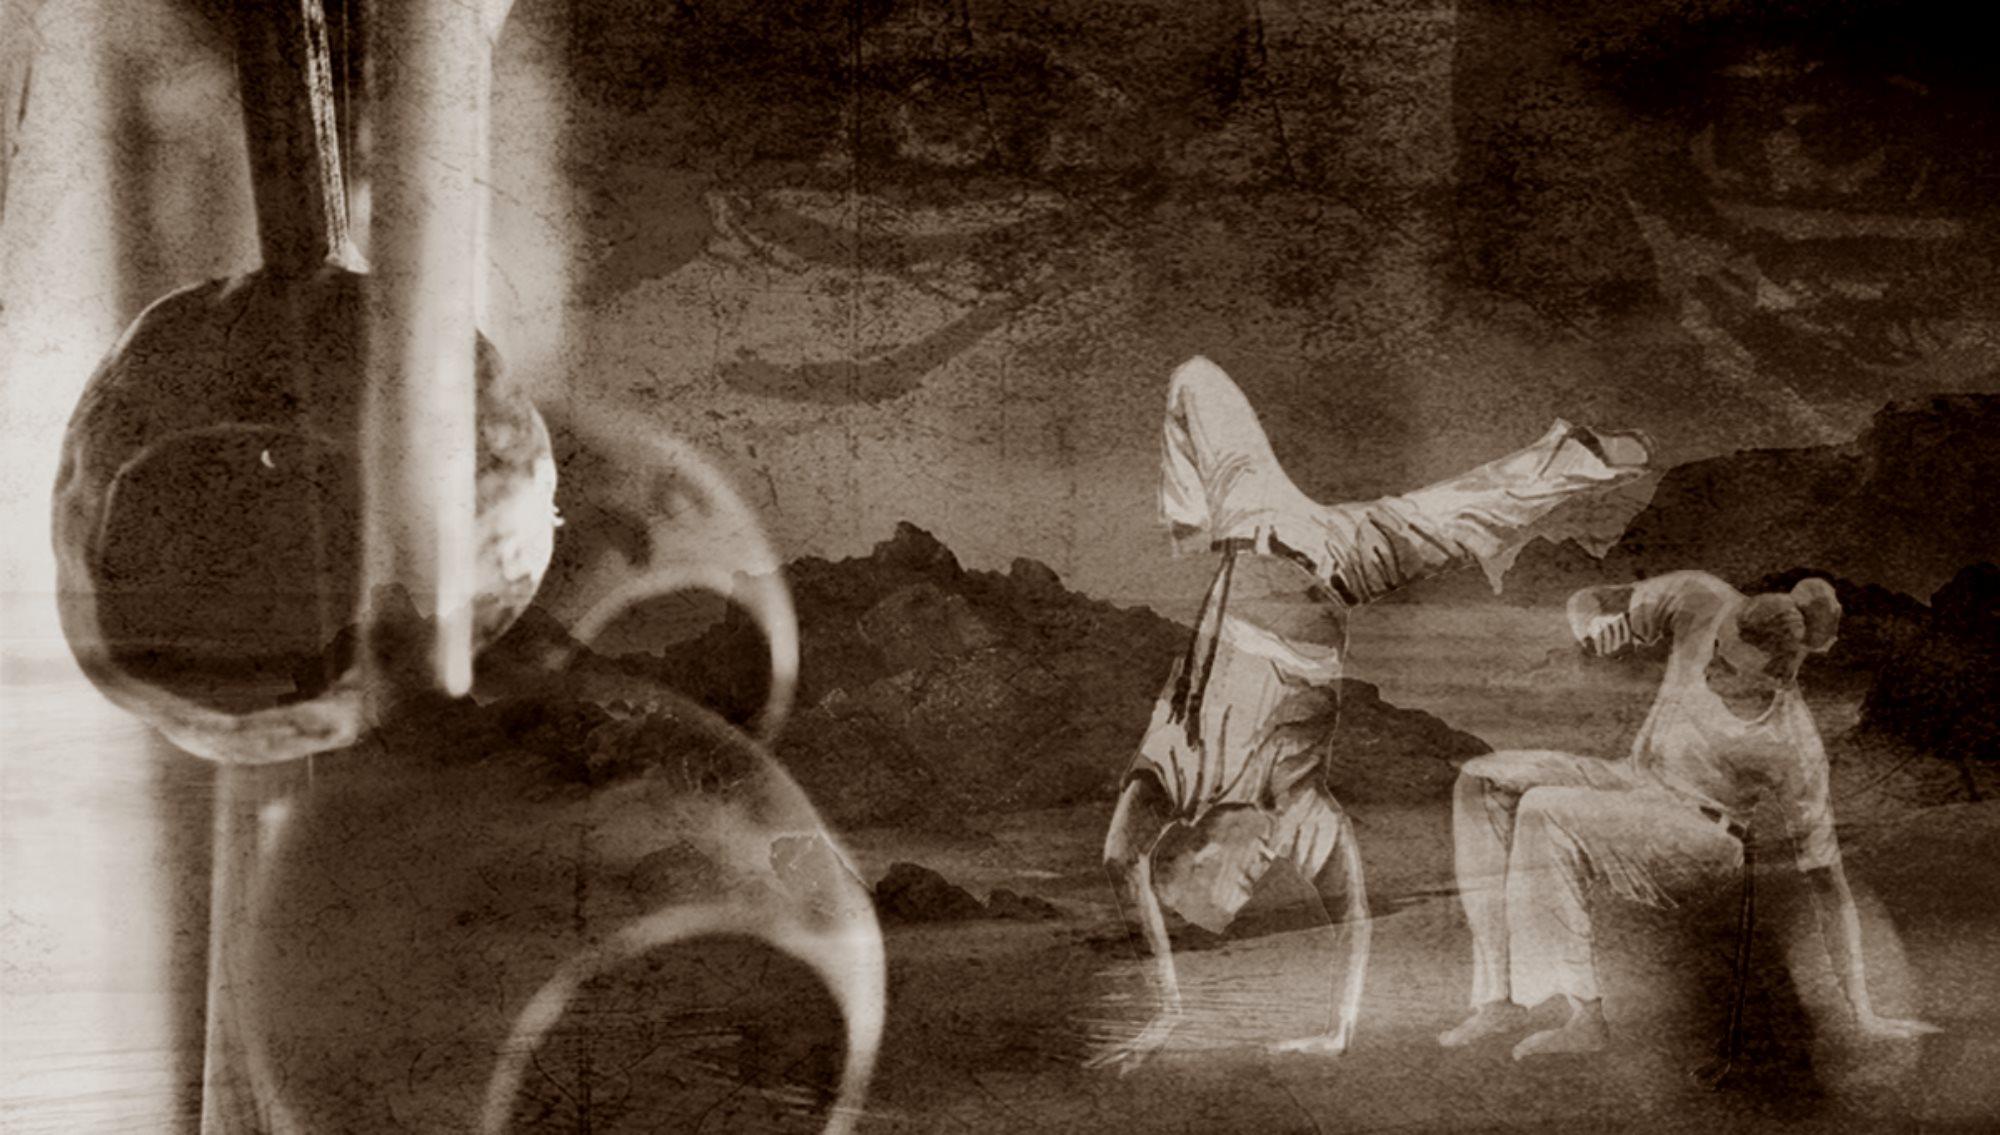 Portal Capoeira Violência e Capoeira - Parte 2 Capoeira Contemplações